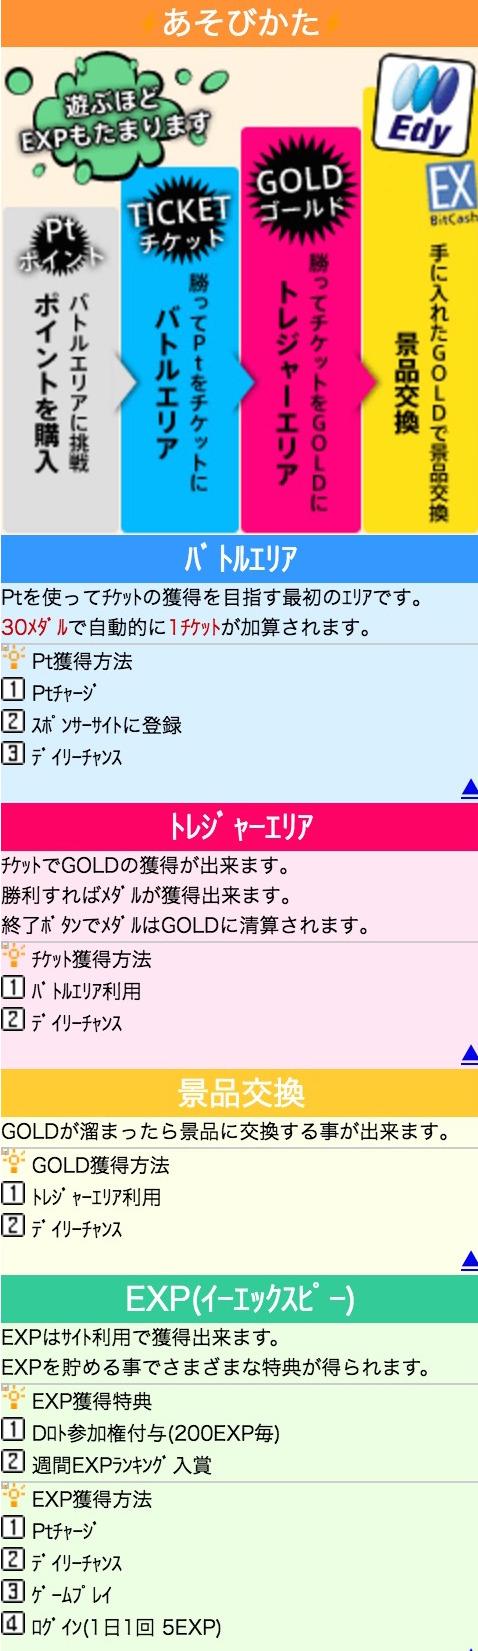 p___mgdx-jp_m_explain